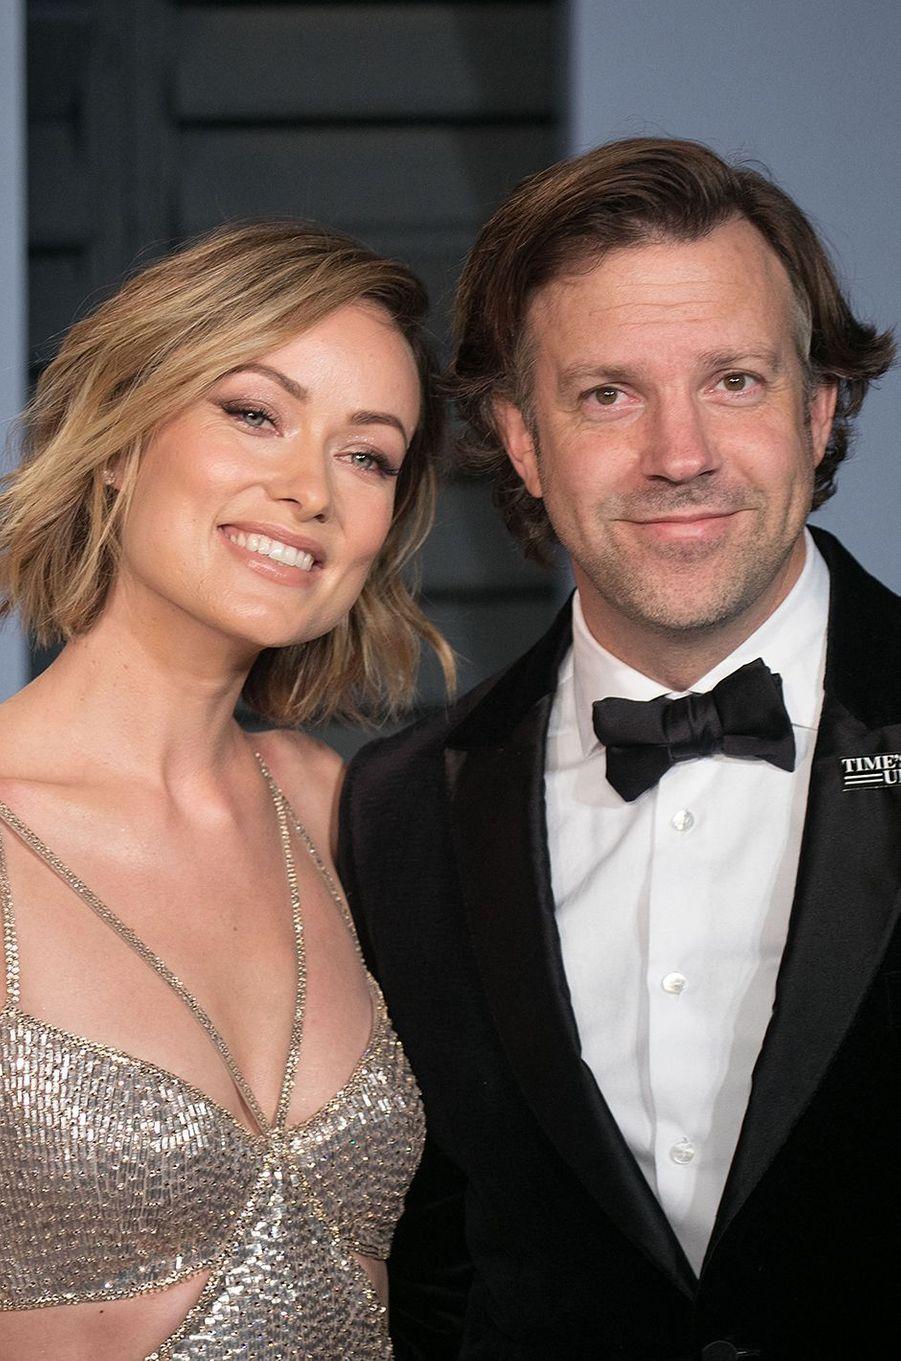 Olivia Wilde et Jason Sudeikis se sont rencontrés à une after-party du «SNL» en 2011. A l'époque, l'actrice était déjà engagée dans une relation. Lorsqu'il a appris quelques mois plus tard qu'elle était célibataire, le comédien a tenté sa chance en l'invitant à un rendez-vous. Le couple a annoncé sa rupture en 2020 après neuf ans d'amour et deux enfants.